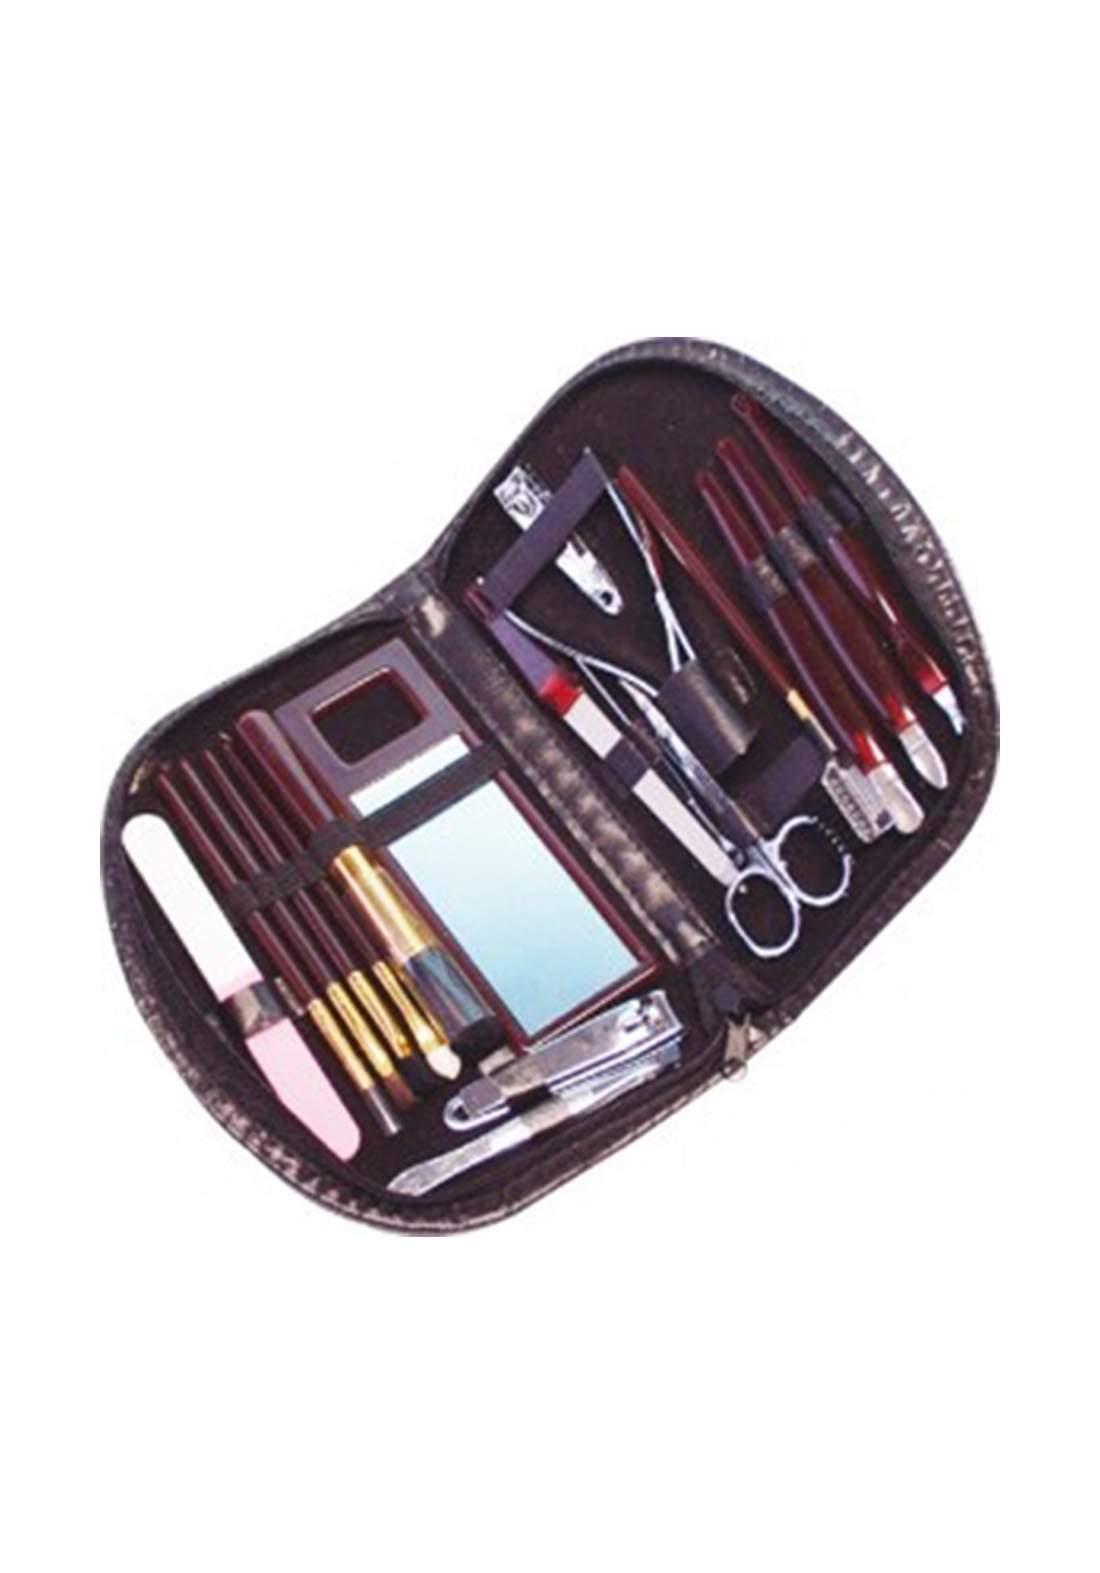 Elina Med Manicure & Nail Care & Makeup Set 18pcs حقيبة عناية